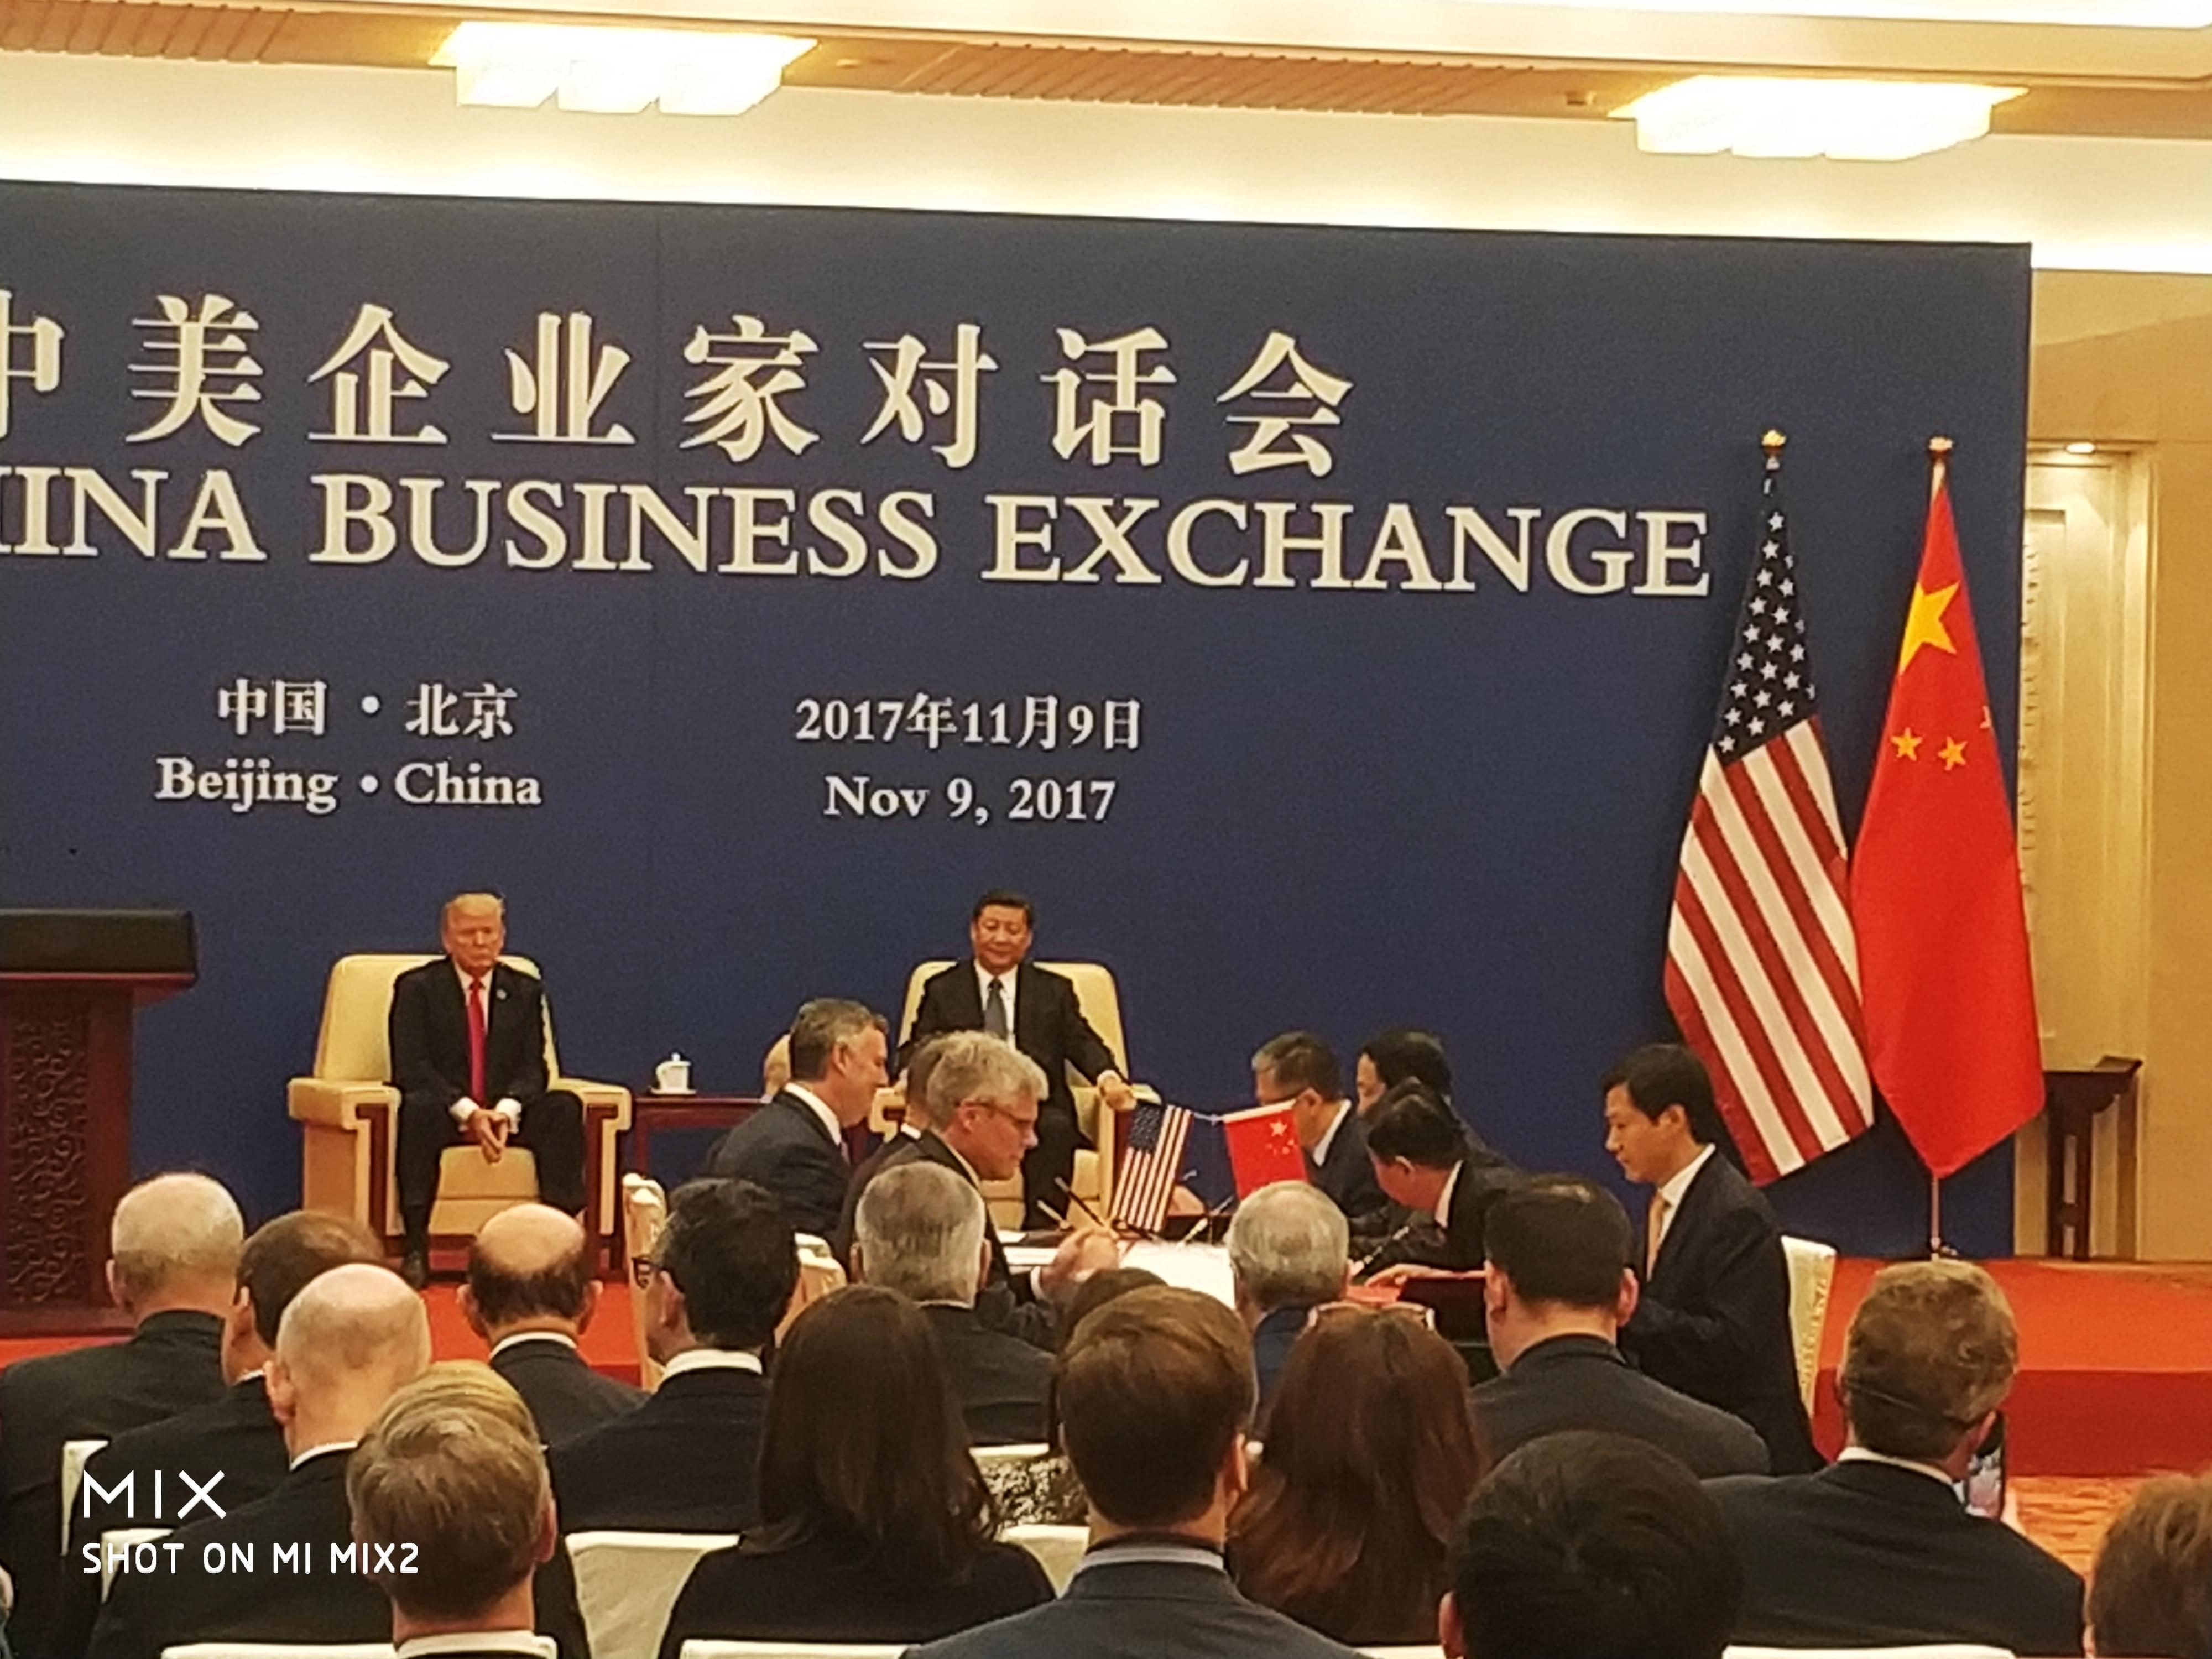 雷军参加中美企业家对话 与高通签署芯片采购合同